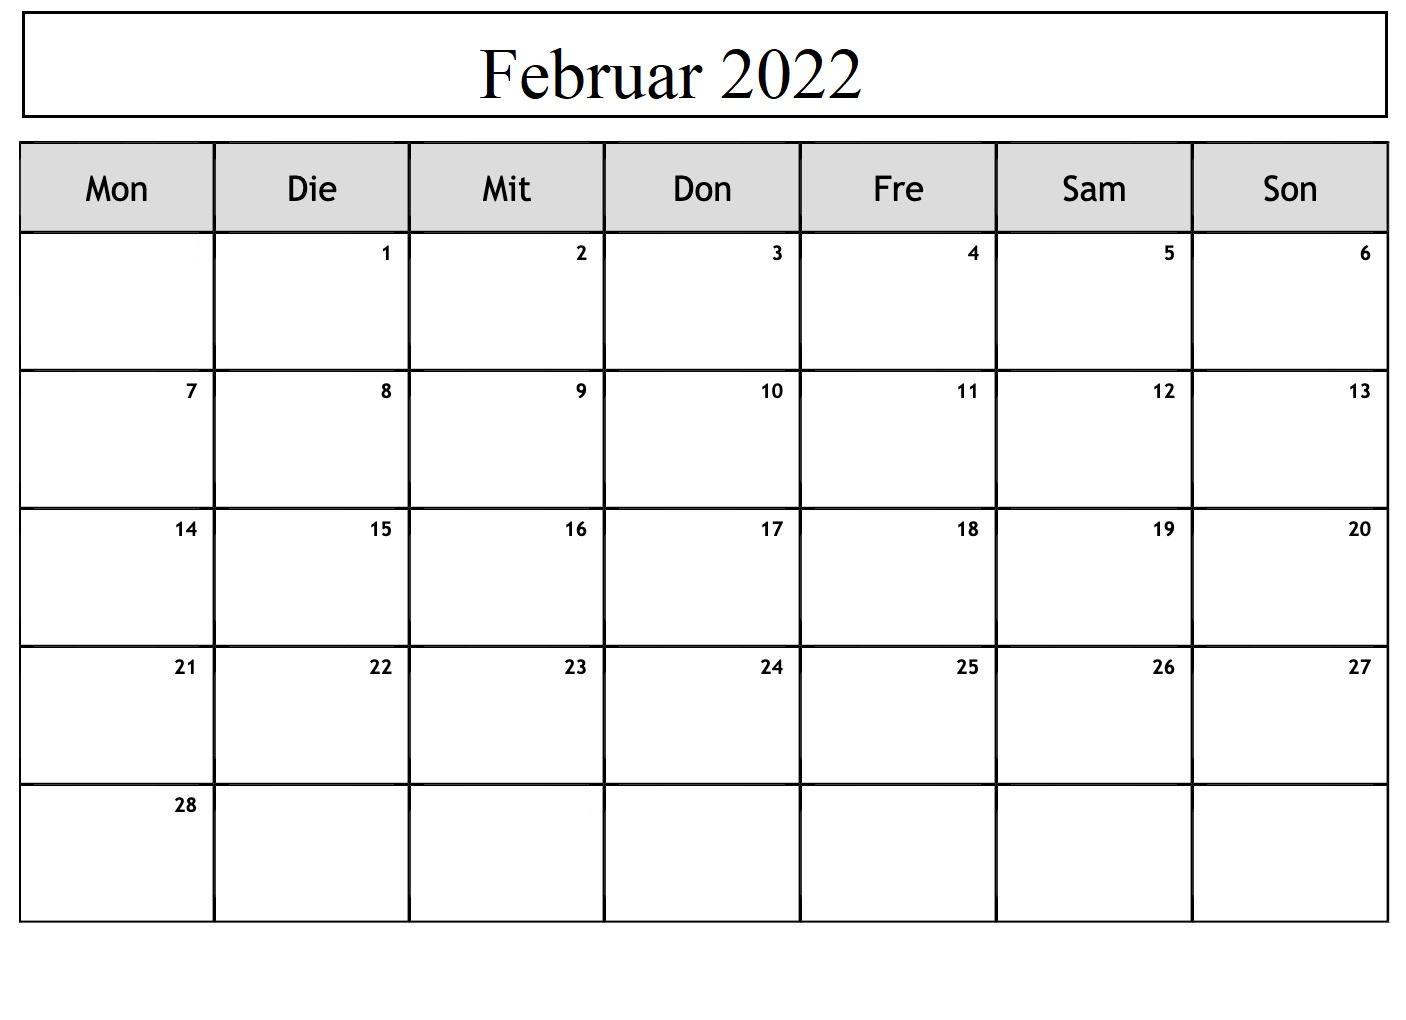 Kalender Februar 2022 Drucken,Februar 2022 Kalender Drucken